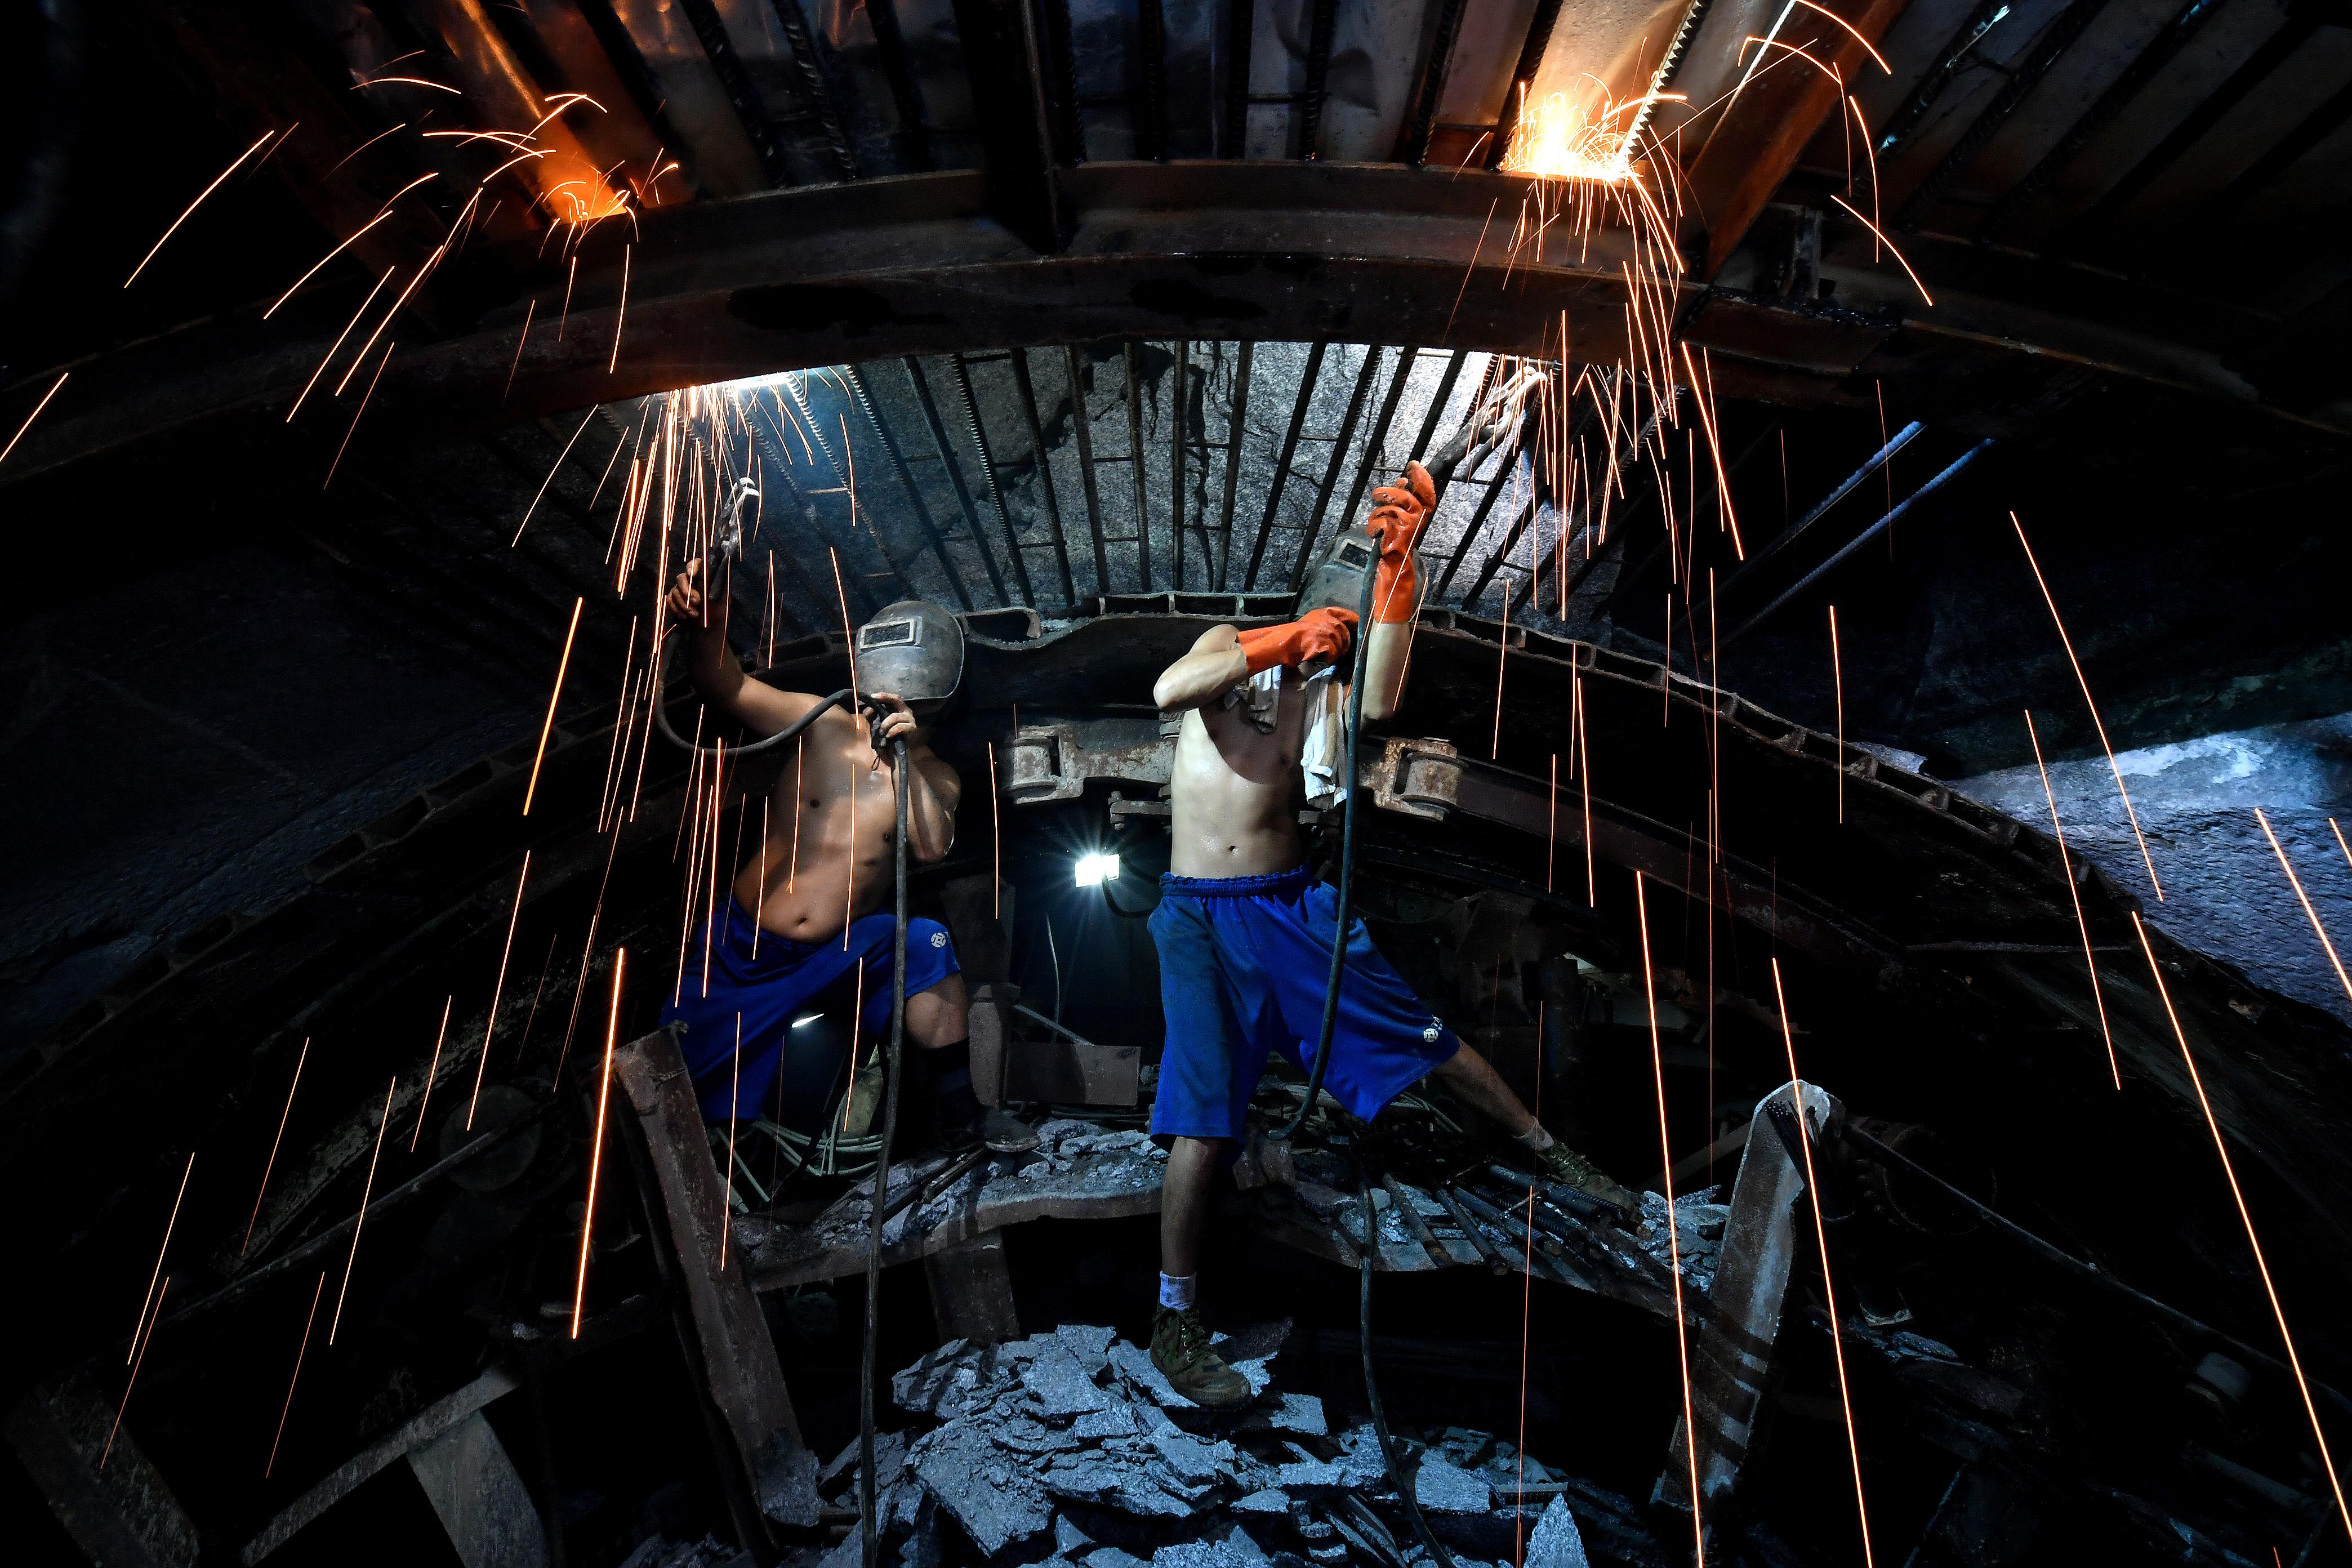 10月22日,工作人員在引漢濟渭秦嶺輸水隧洞中進行作業。該隧洞最大埋深達2012米,終年高溫潮濕。(新華社)